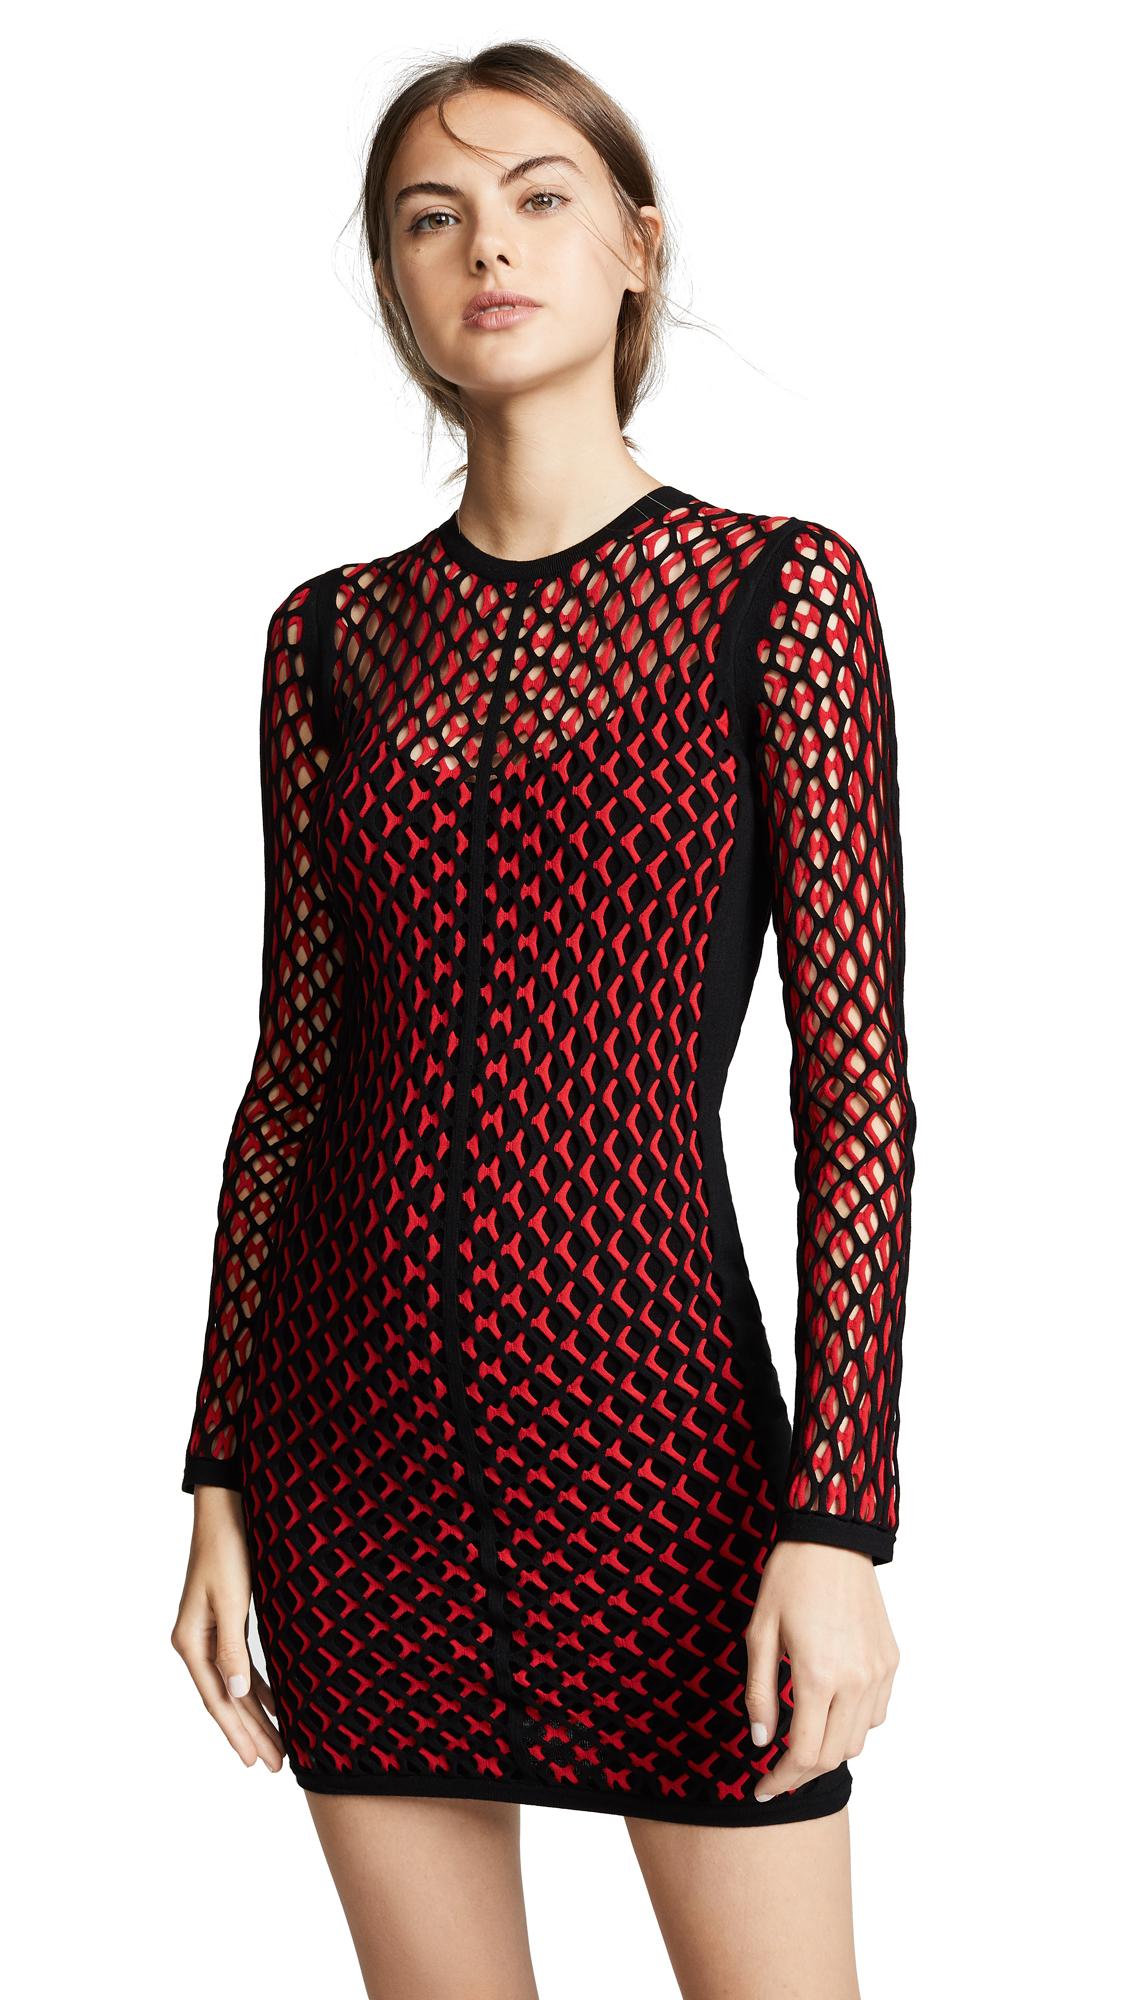 Rag & Bone Wes Dress In Red/Black